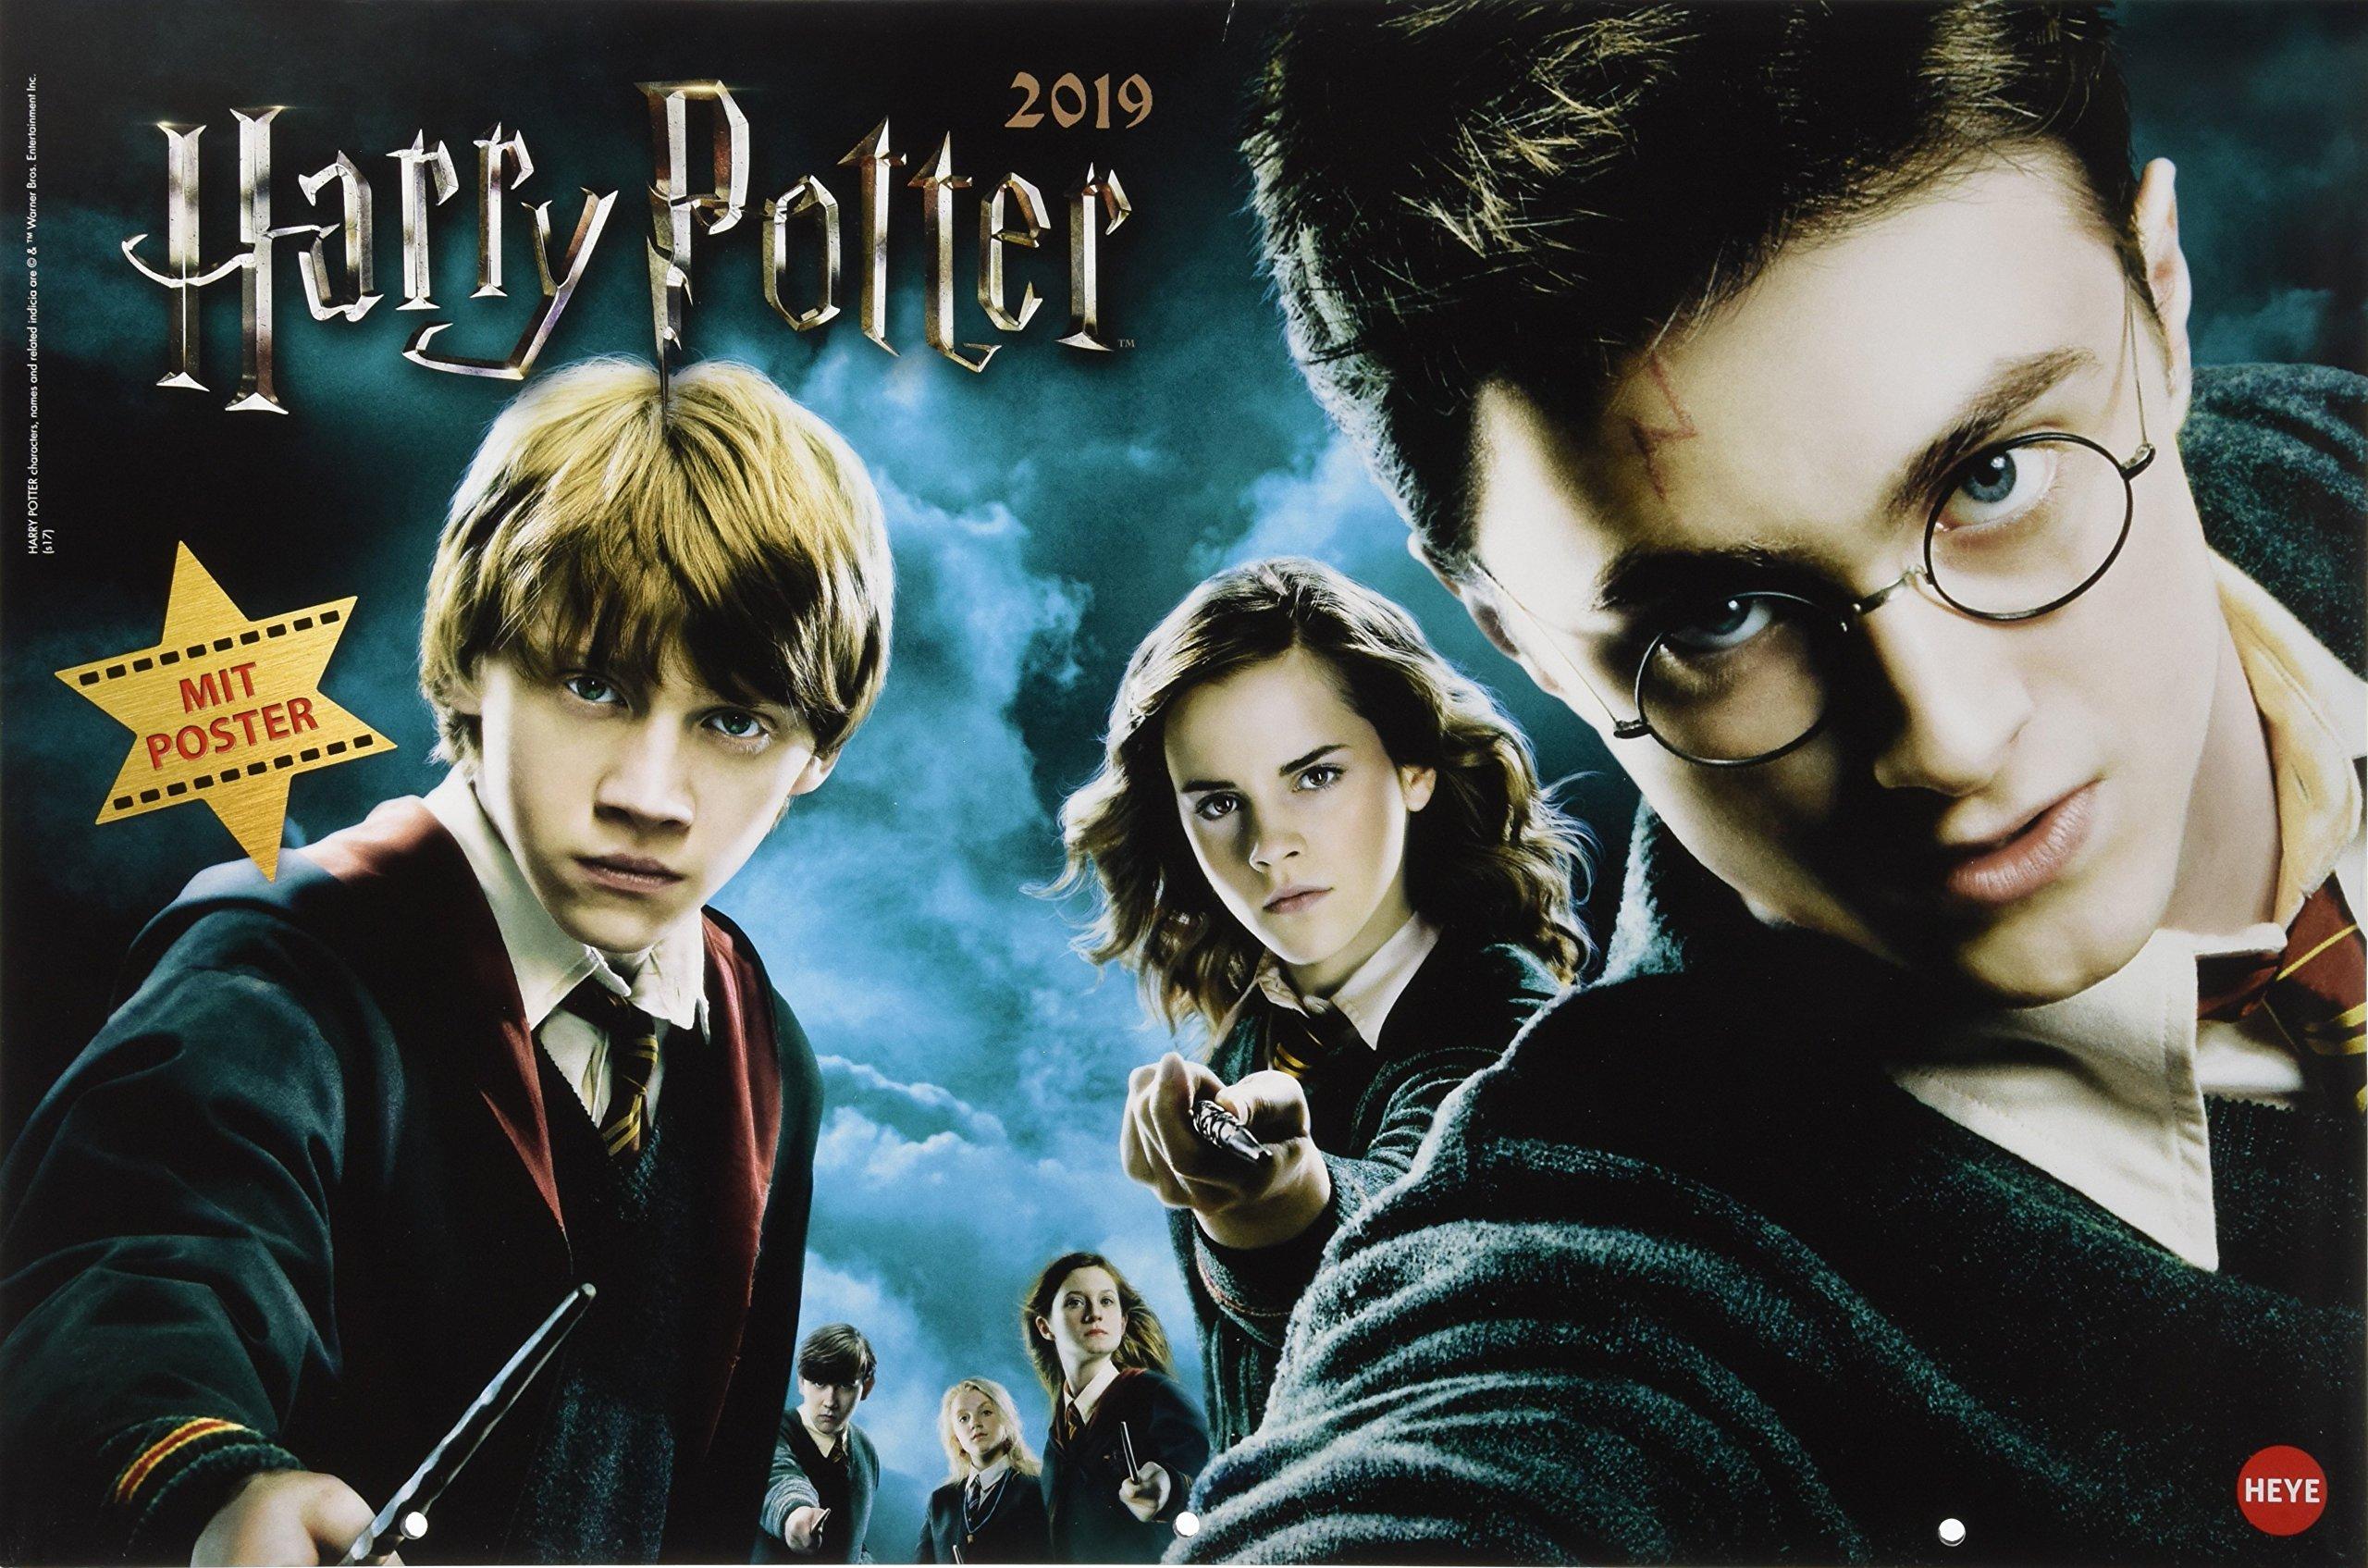 Harry Potter Broschur XL - Kalender 2019: Amazon.es: Heye ...